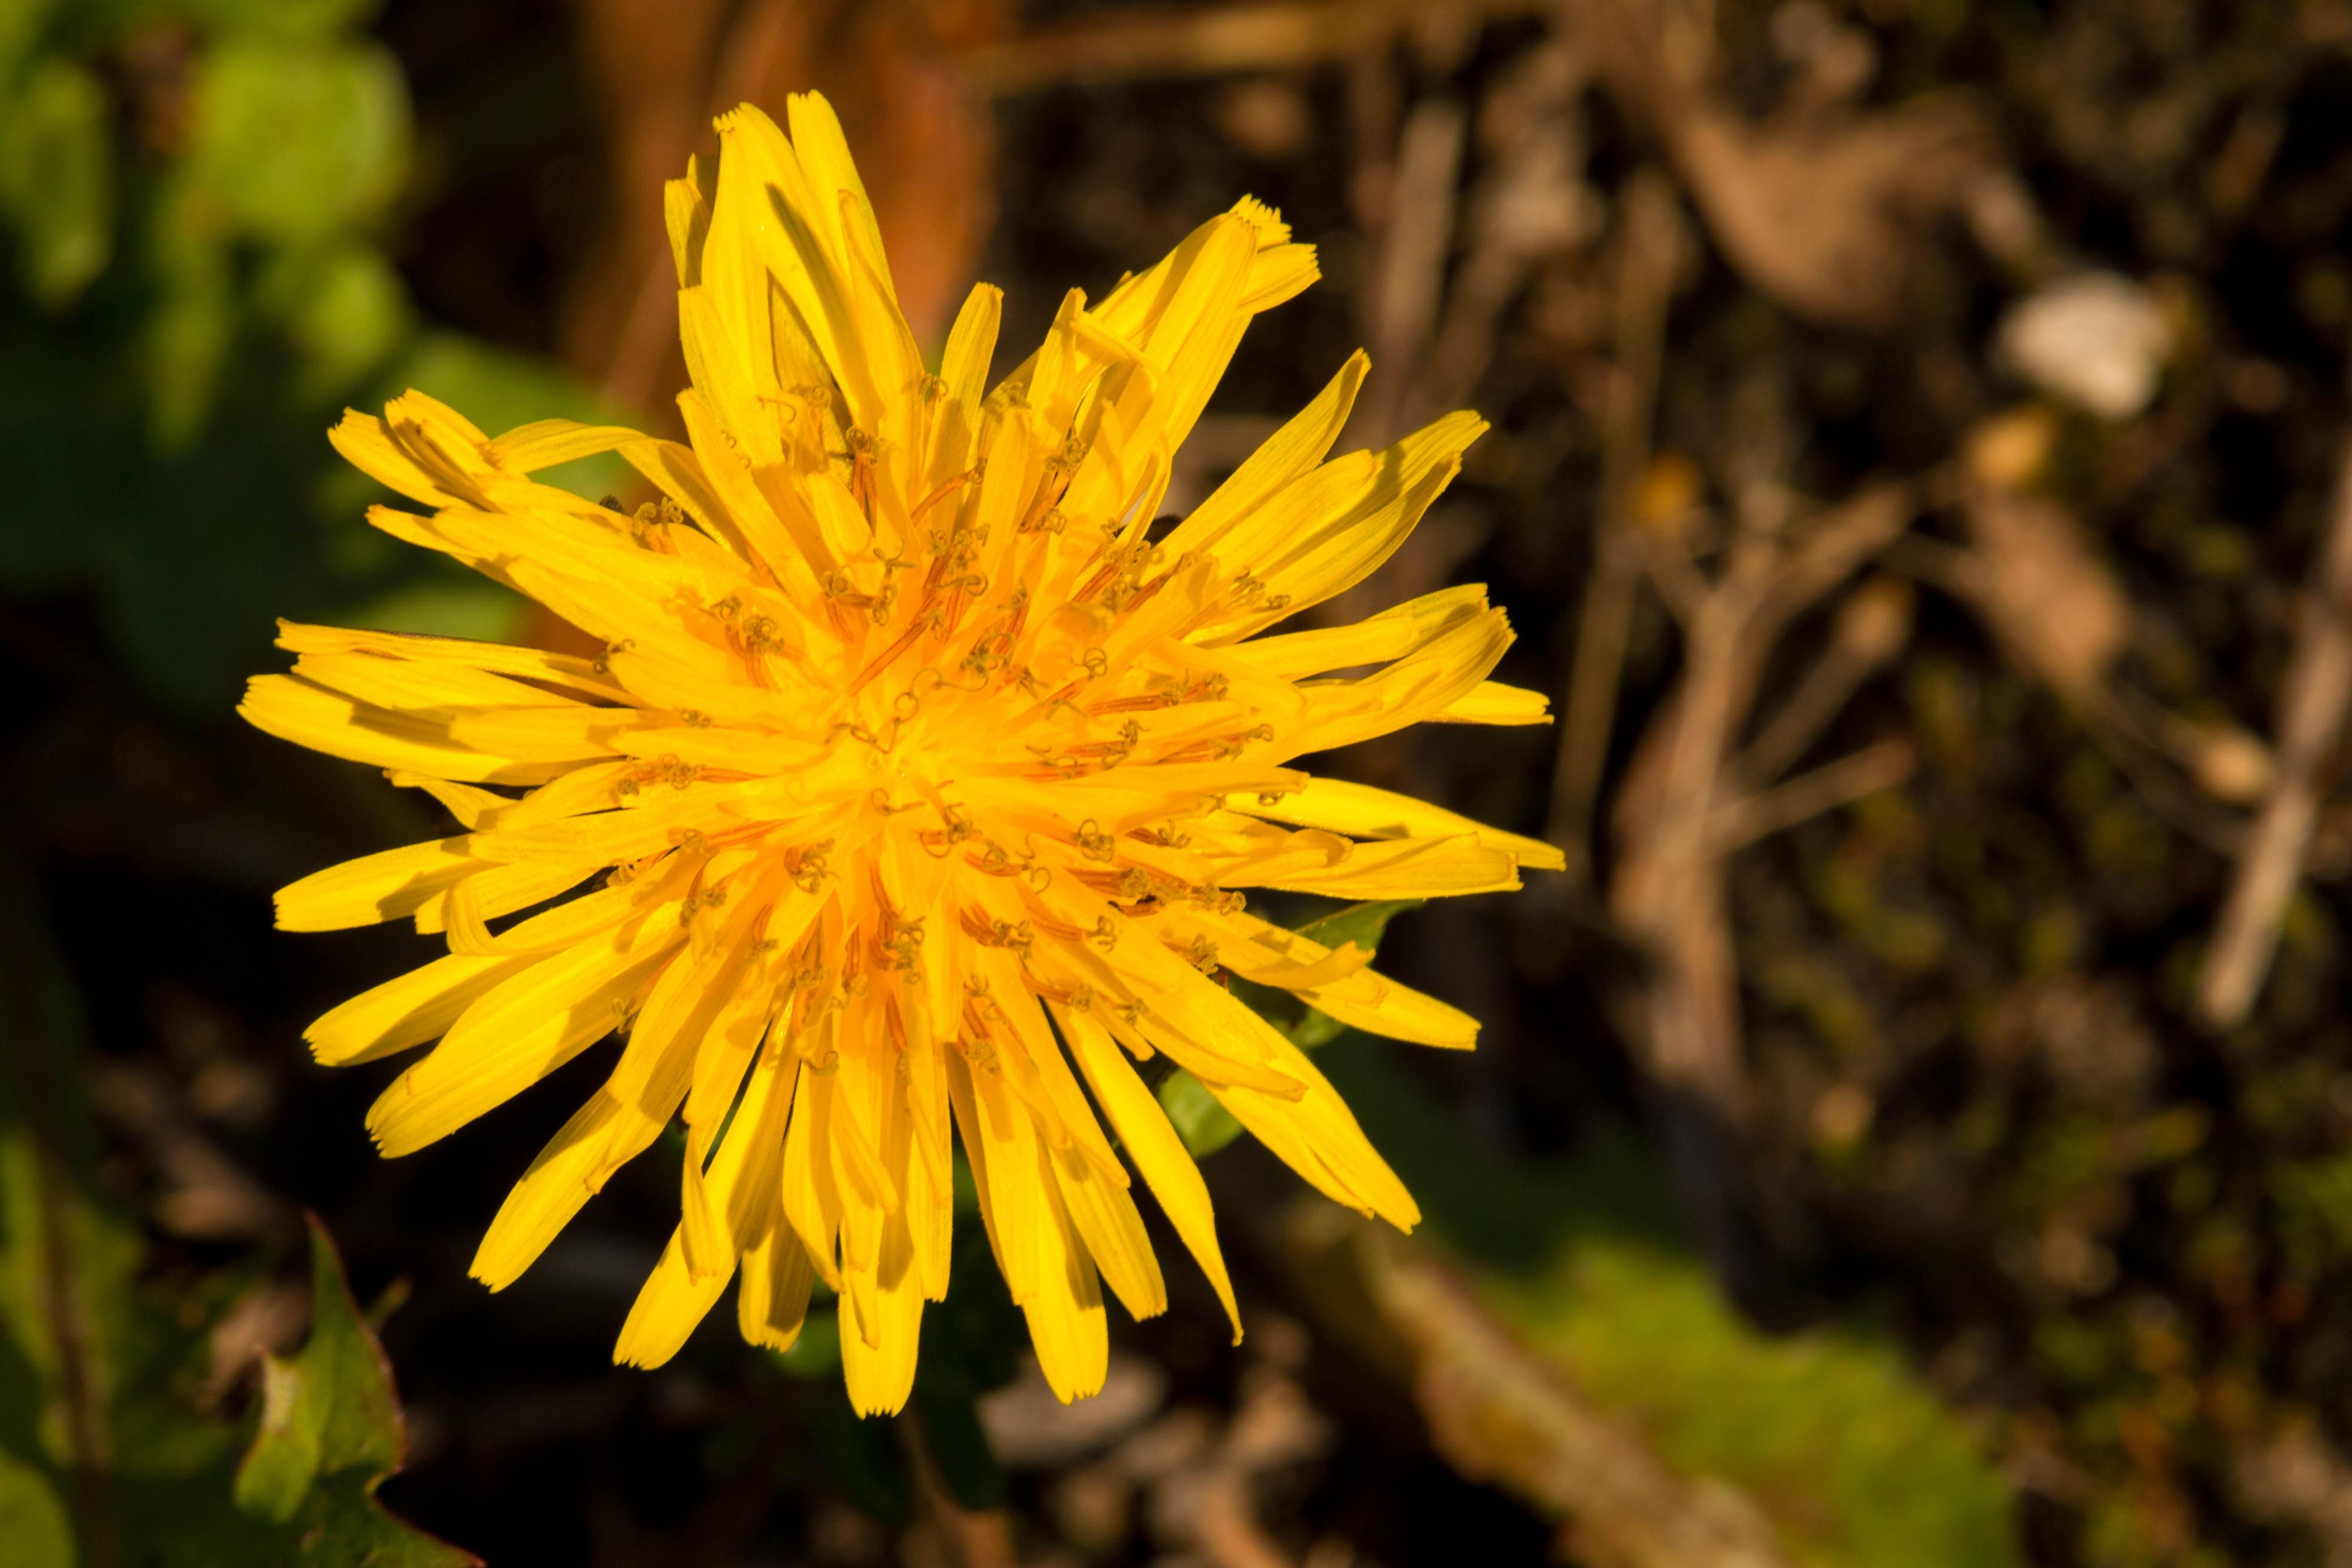 Images Gratuites  la nature, lumière du soleil, feuille, pétale,  Floraison, l\u0027automne, botanique, Fermer, flore, fleur jaune, Fleur sauvage,  fermer, Fleurs